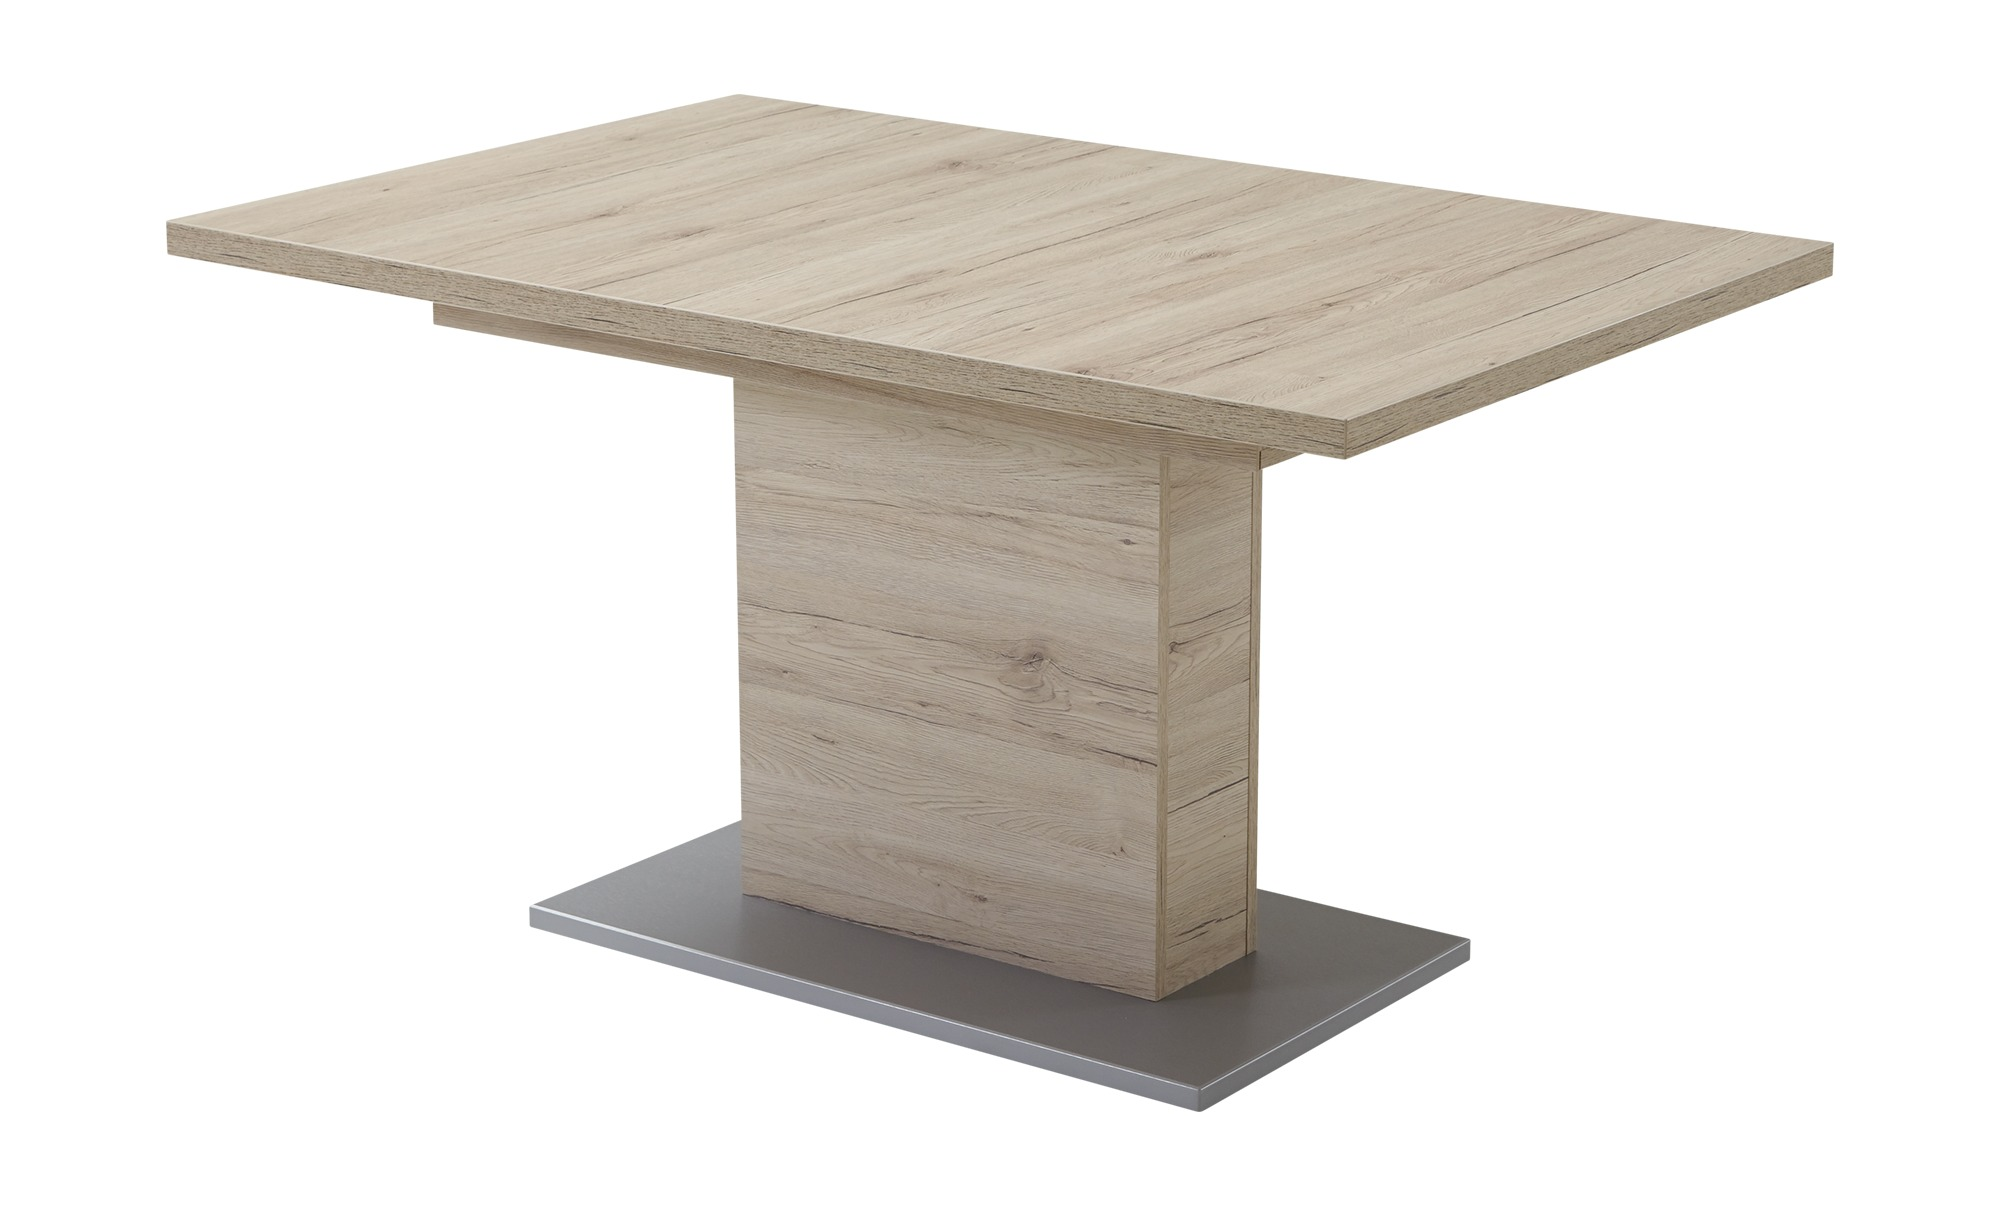 Esstisch Pia Jetzt Bestellen Unter Https Moebel Ladendirekt De Kueche Und Esszimmer Tische Esstische Uid F4 Holztisch Esstisch Esstisch Ausziehbar Esstisch